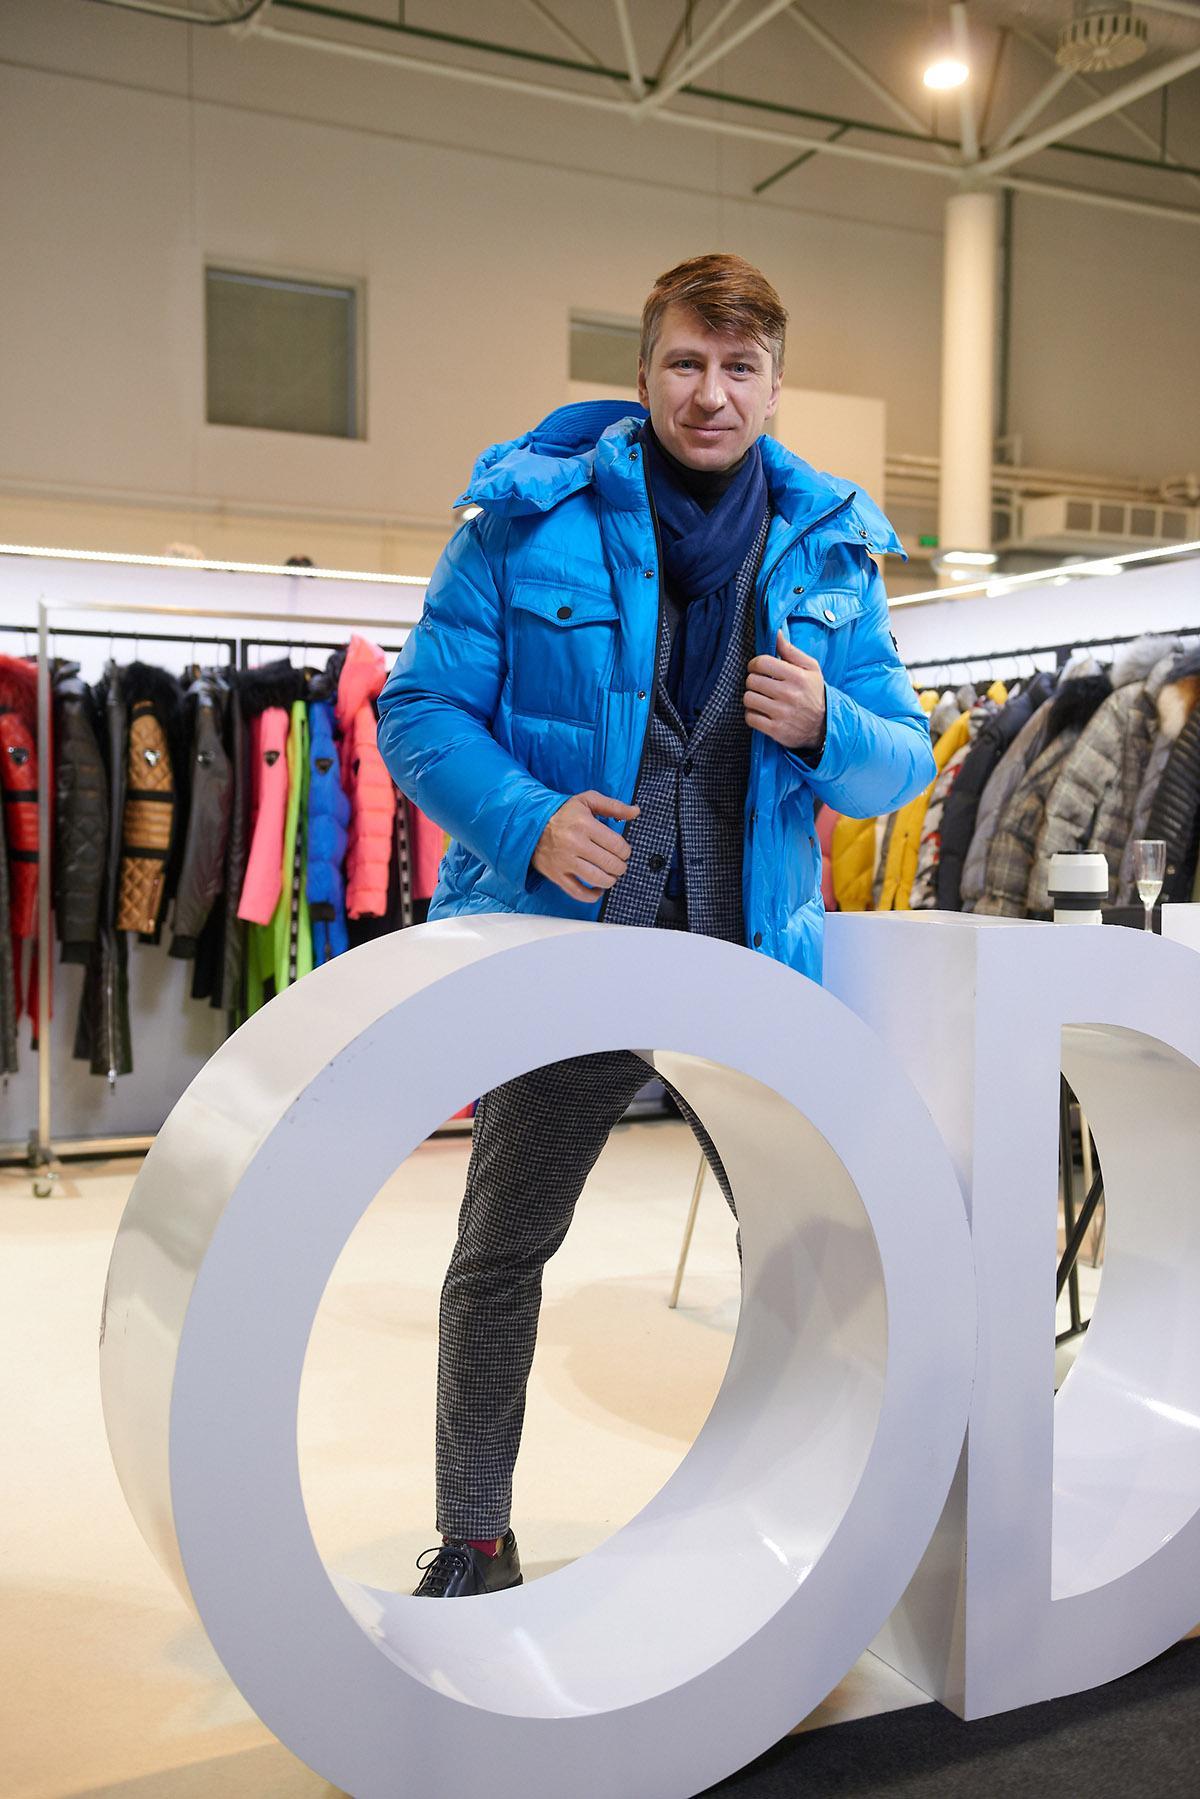 Звезды готовятся к модному сезону осень-зима 20/21, примеряя модели из новой коллекции ODRI